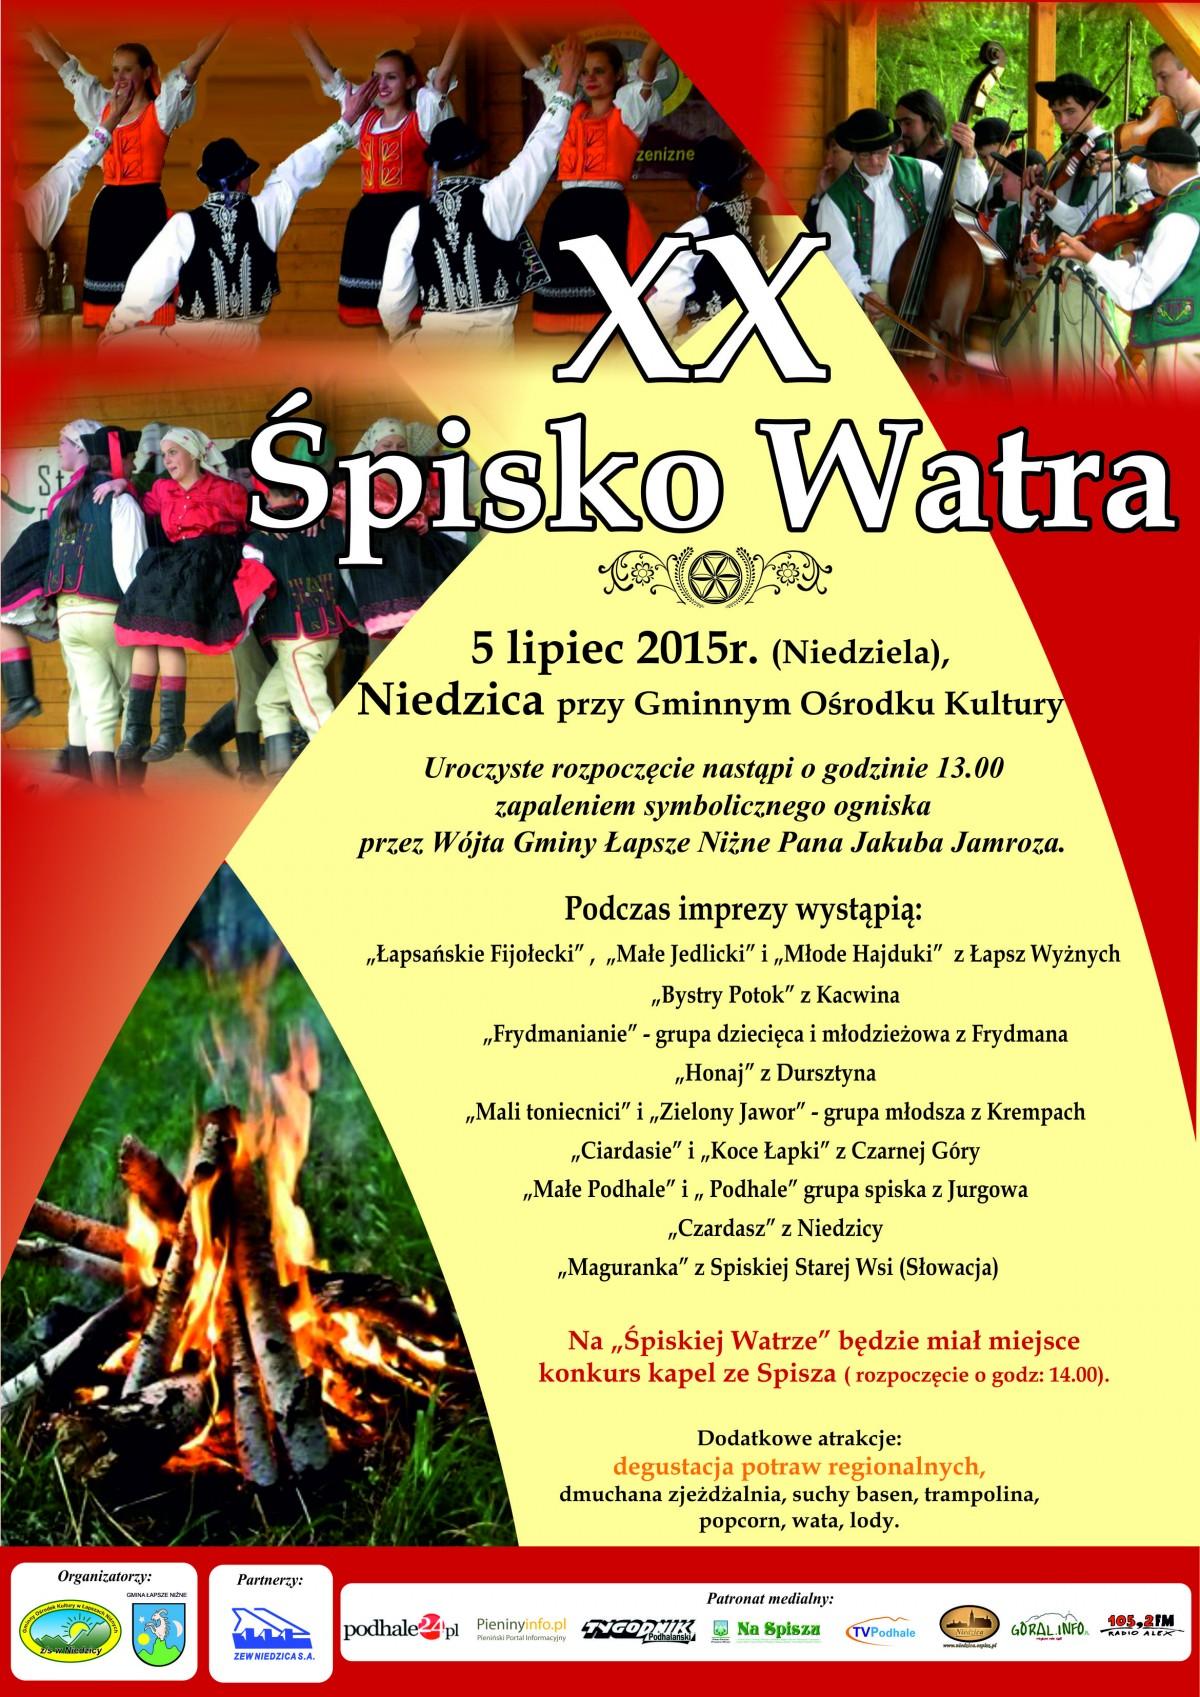 spisko watra 2015 plakat 3